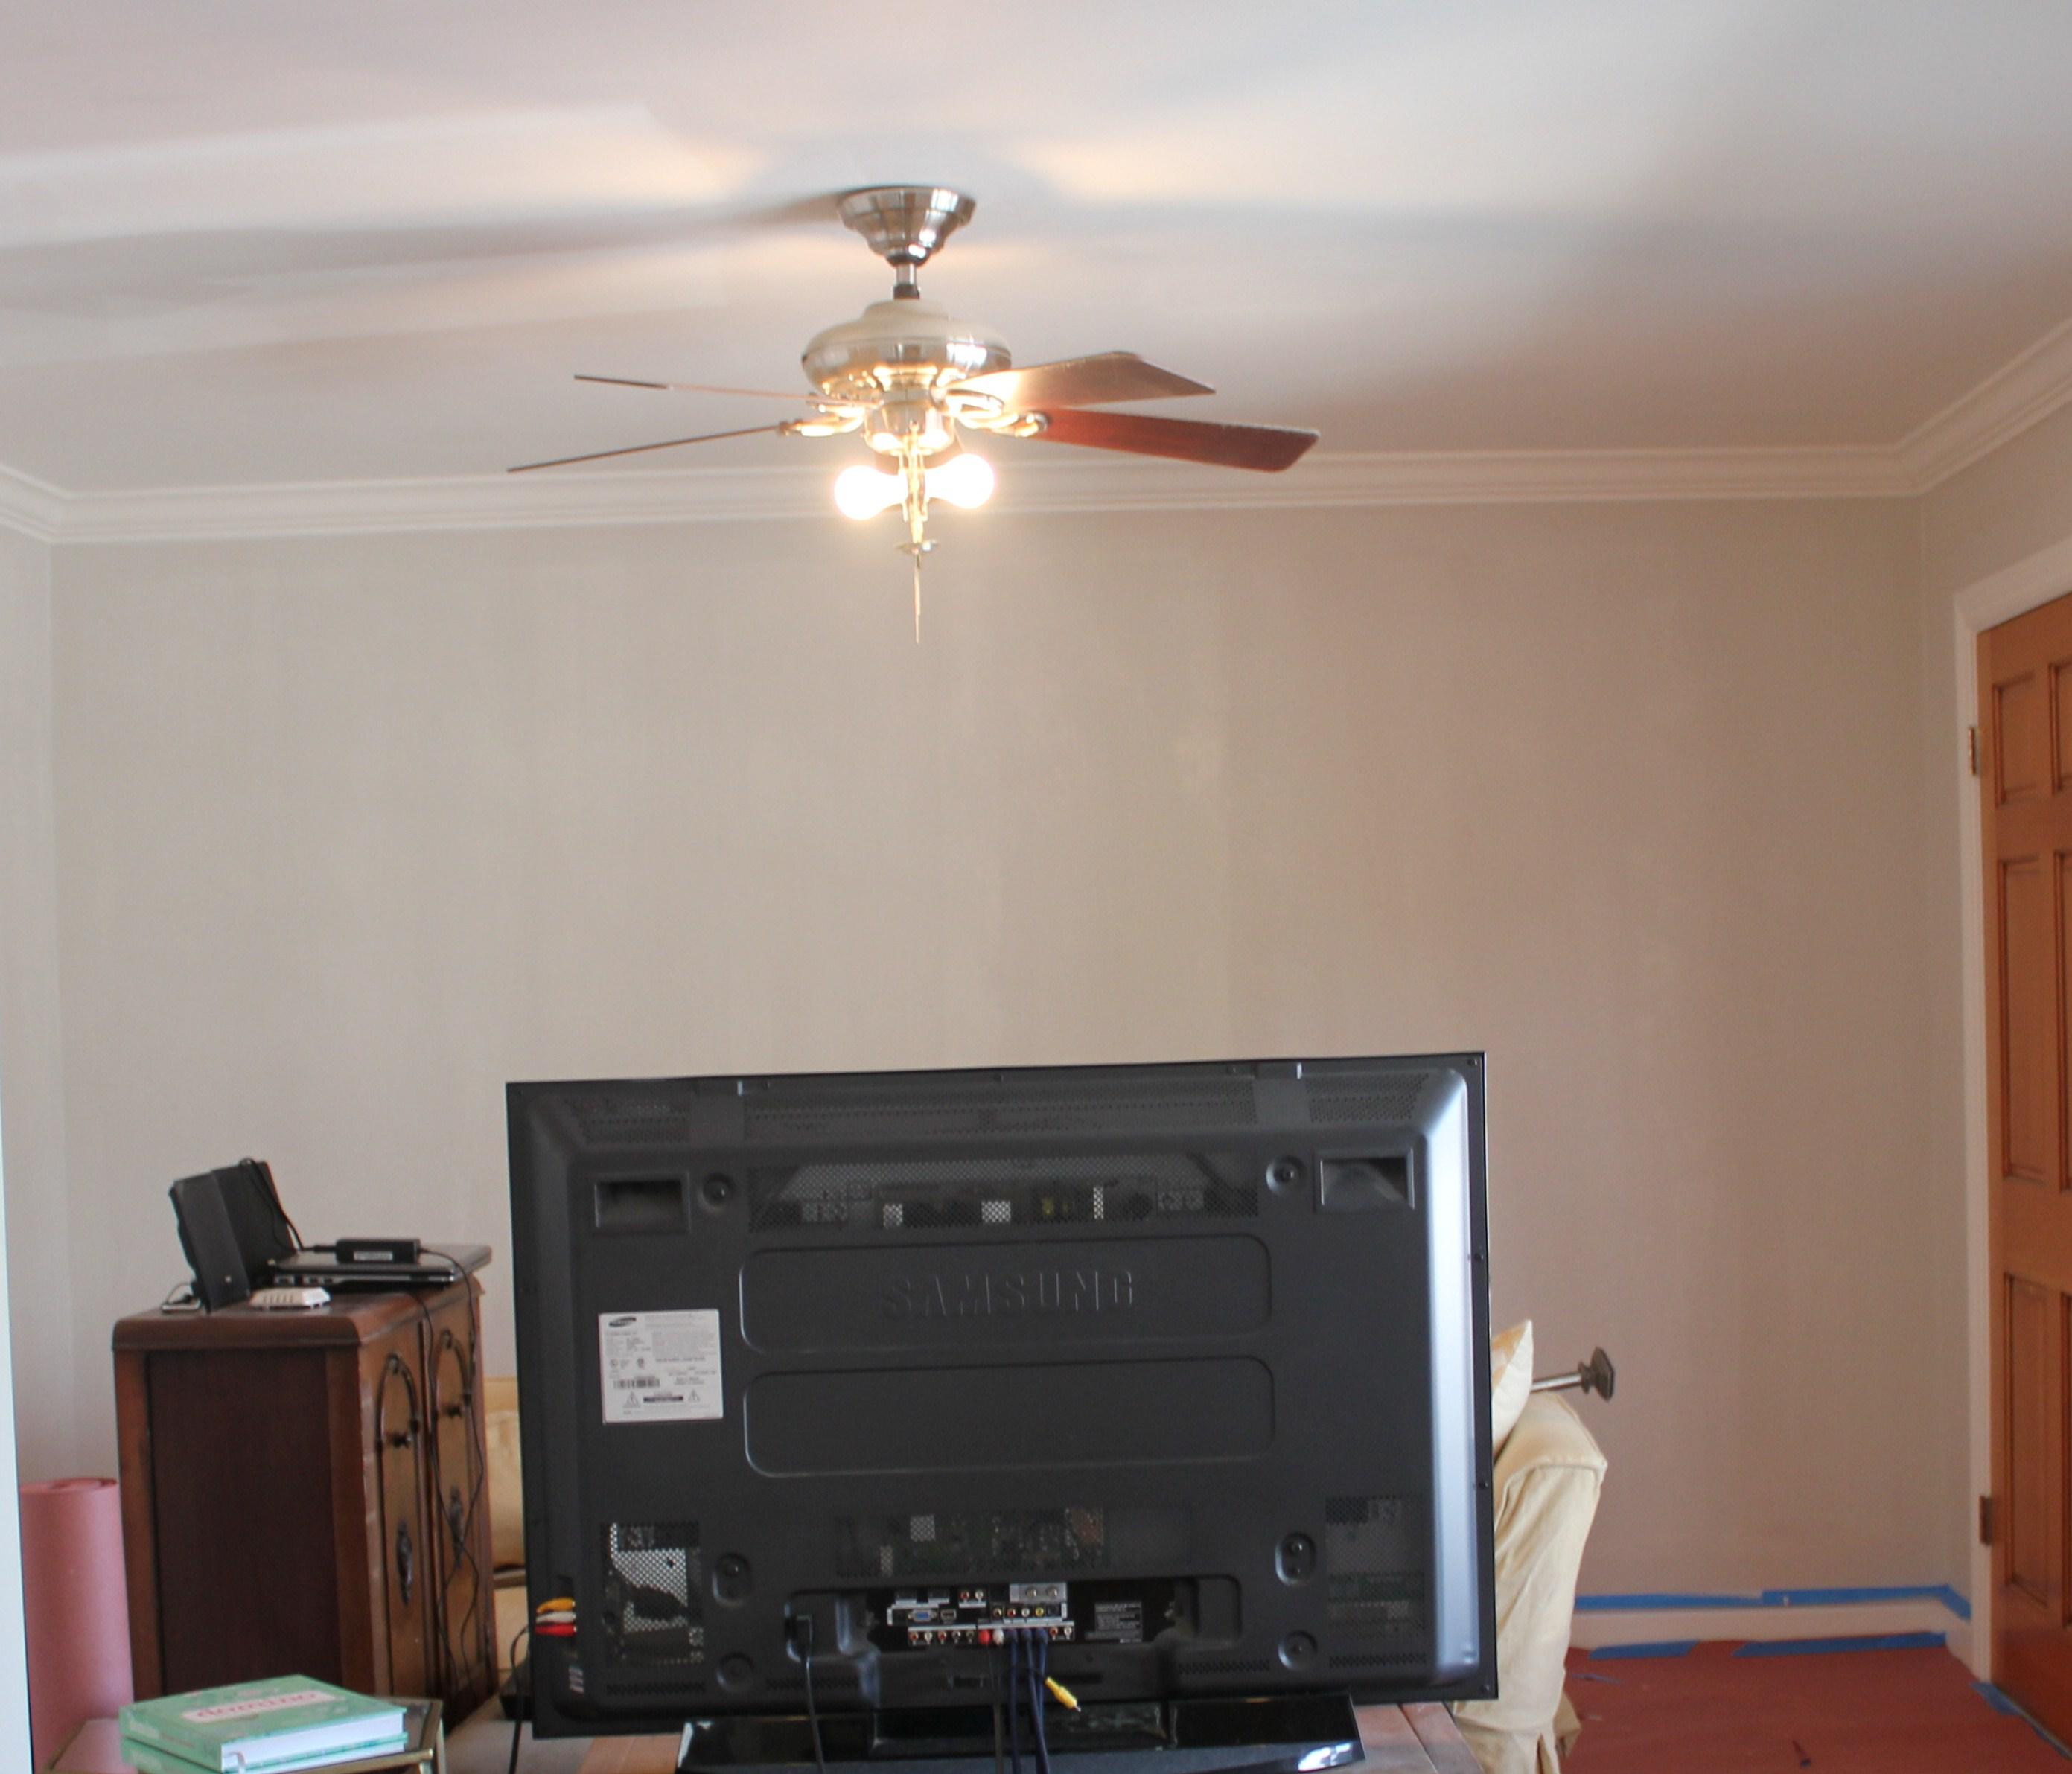 Ceiling Fan Revamp